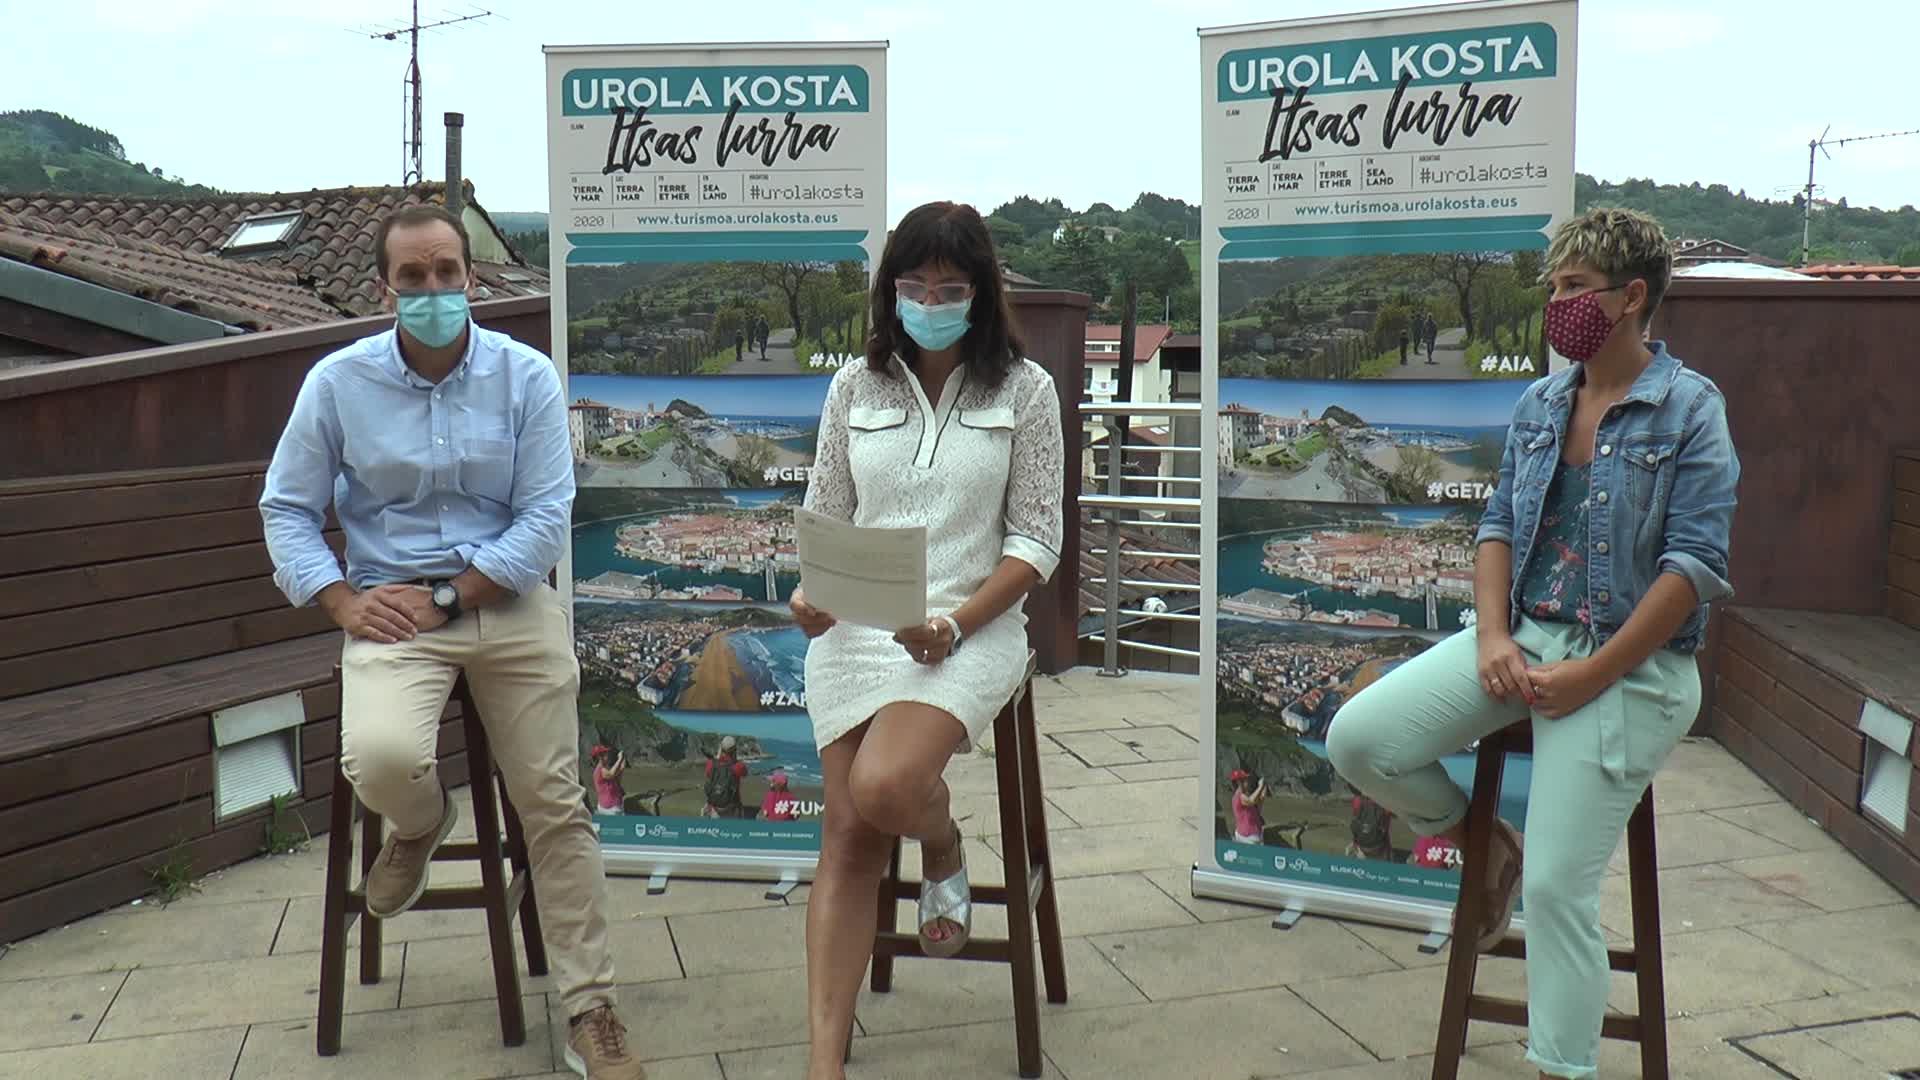 'Urola Kosta: itsas-lurra' kanpaina aurkeztu du UKUEk